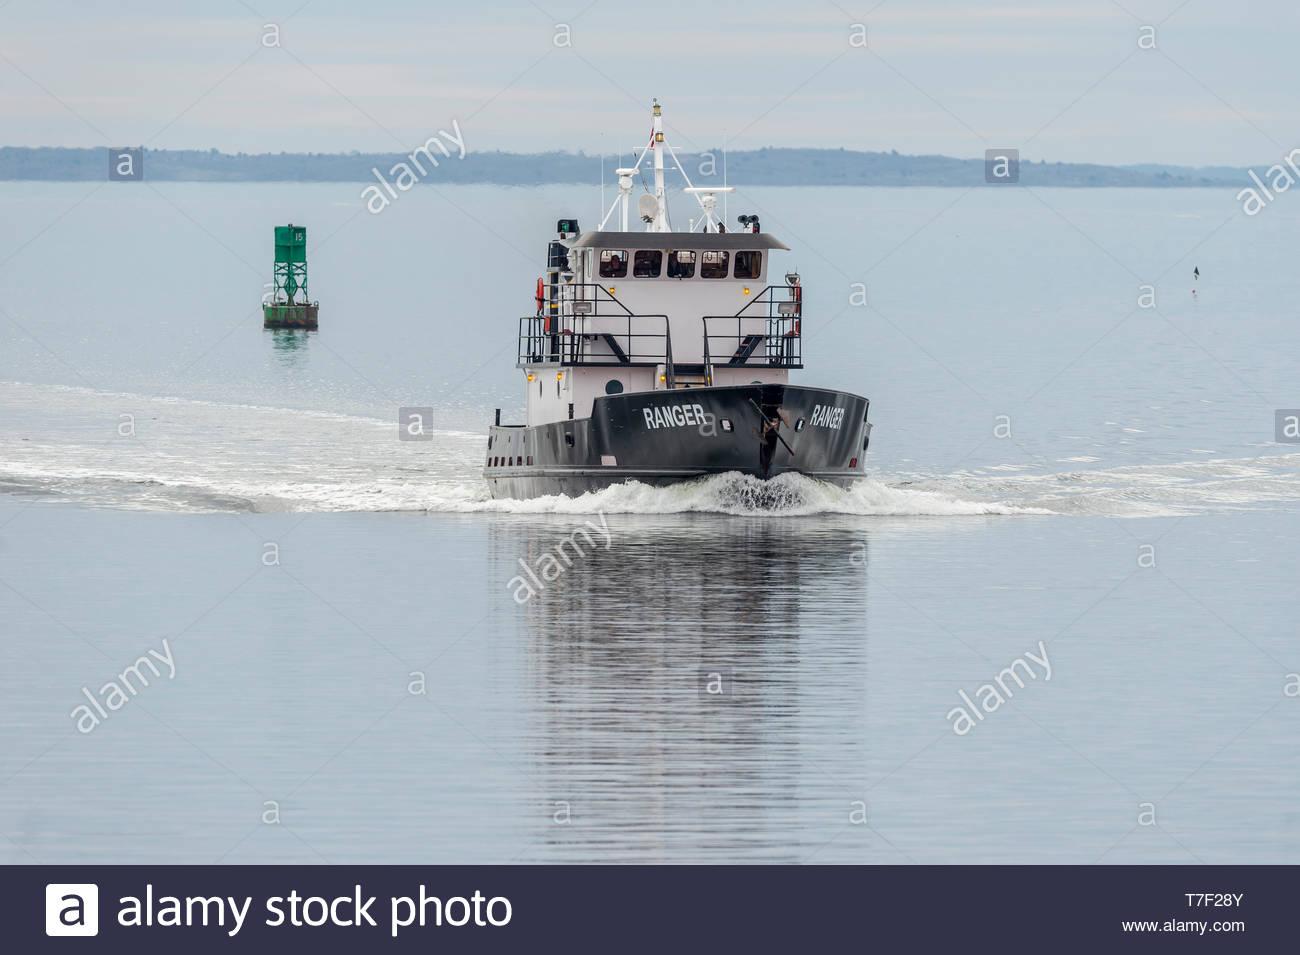 New Bedford, Massachusetts, USA - Mai 1, 2019: le Massachusetts Maritime Academy école Ranger revenant du court voyage à Buzzards Bay Photo Stock